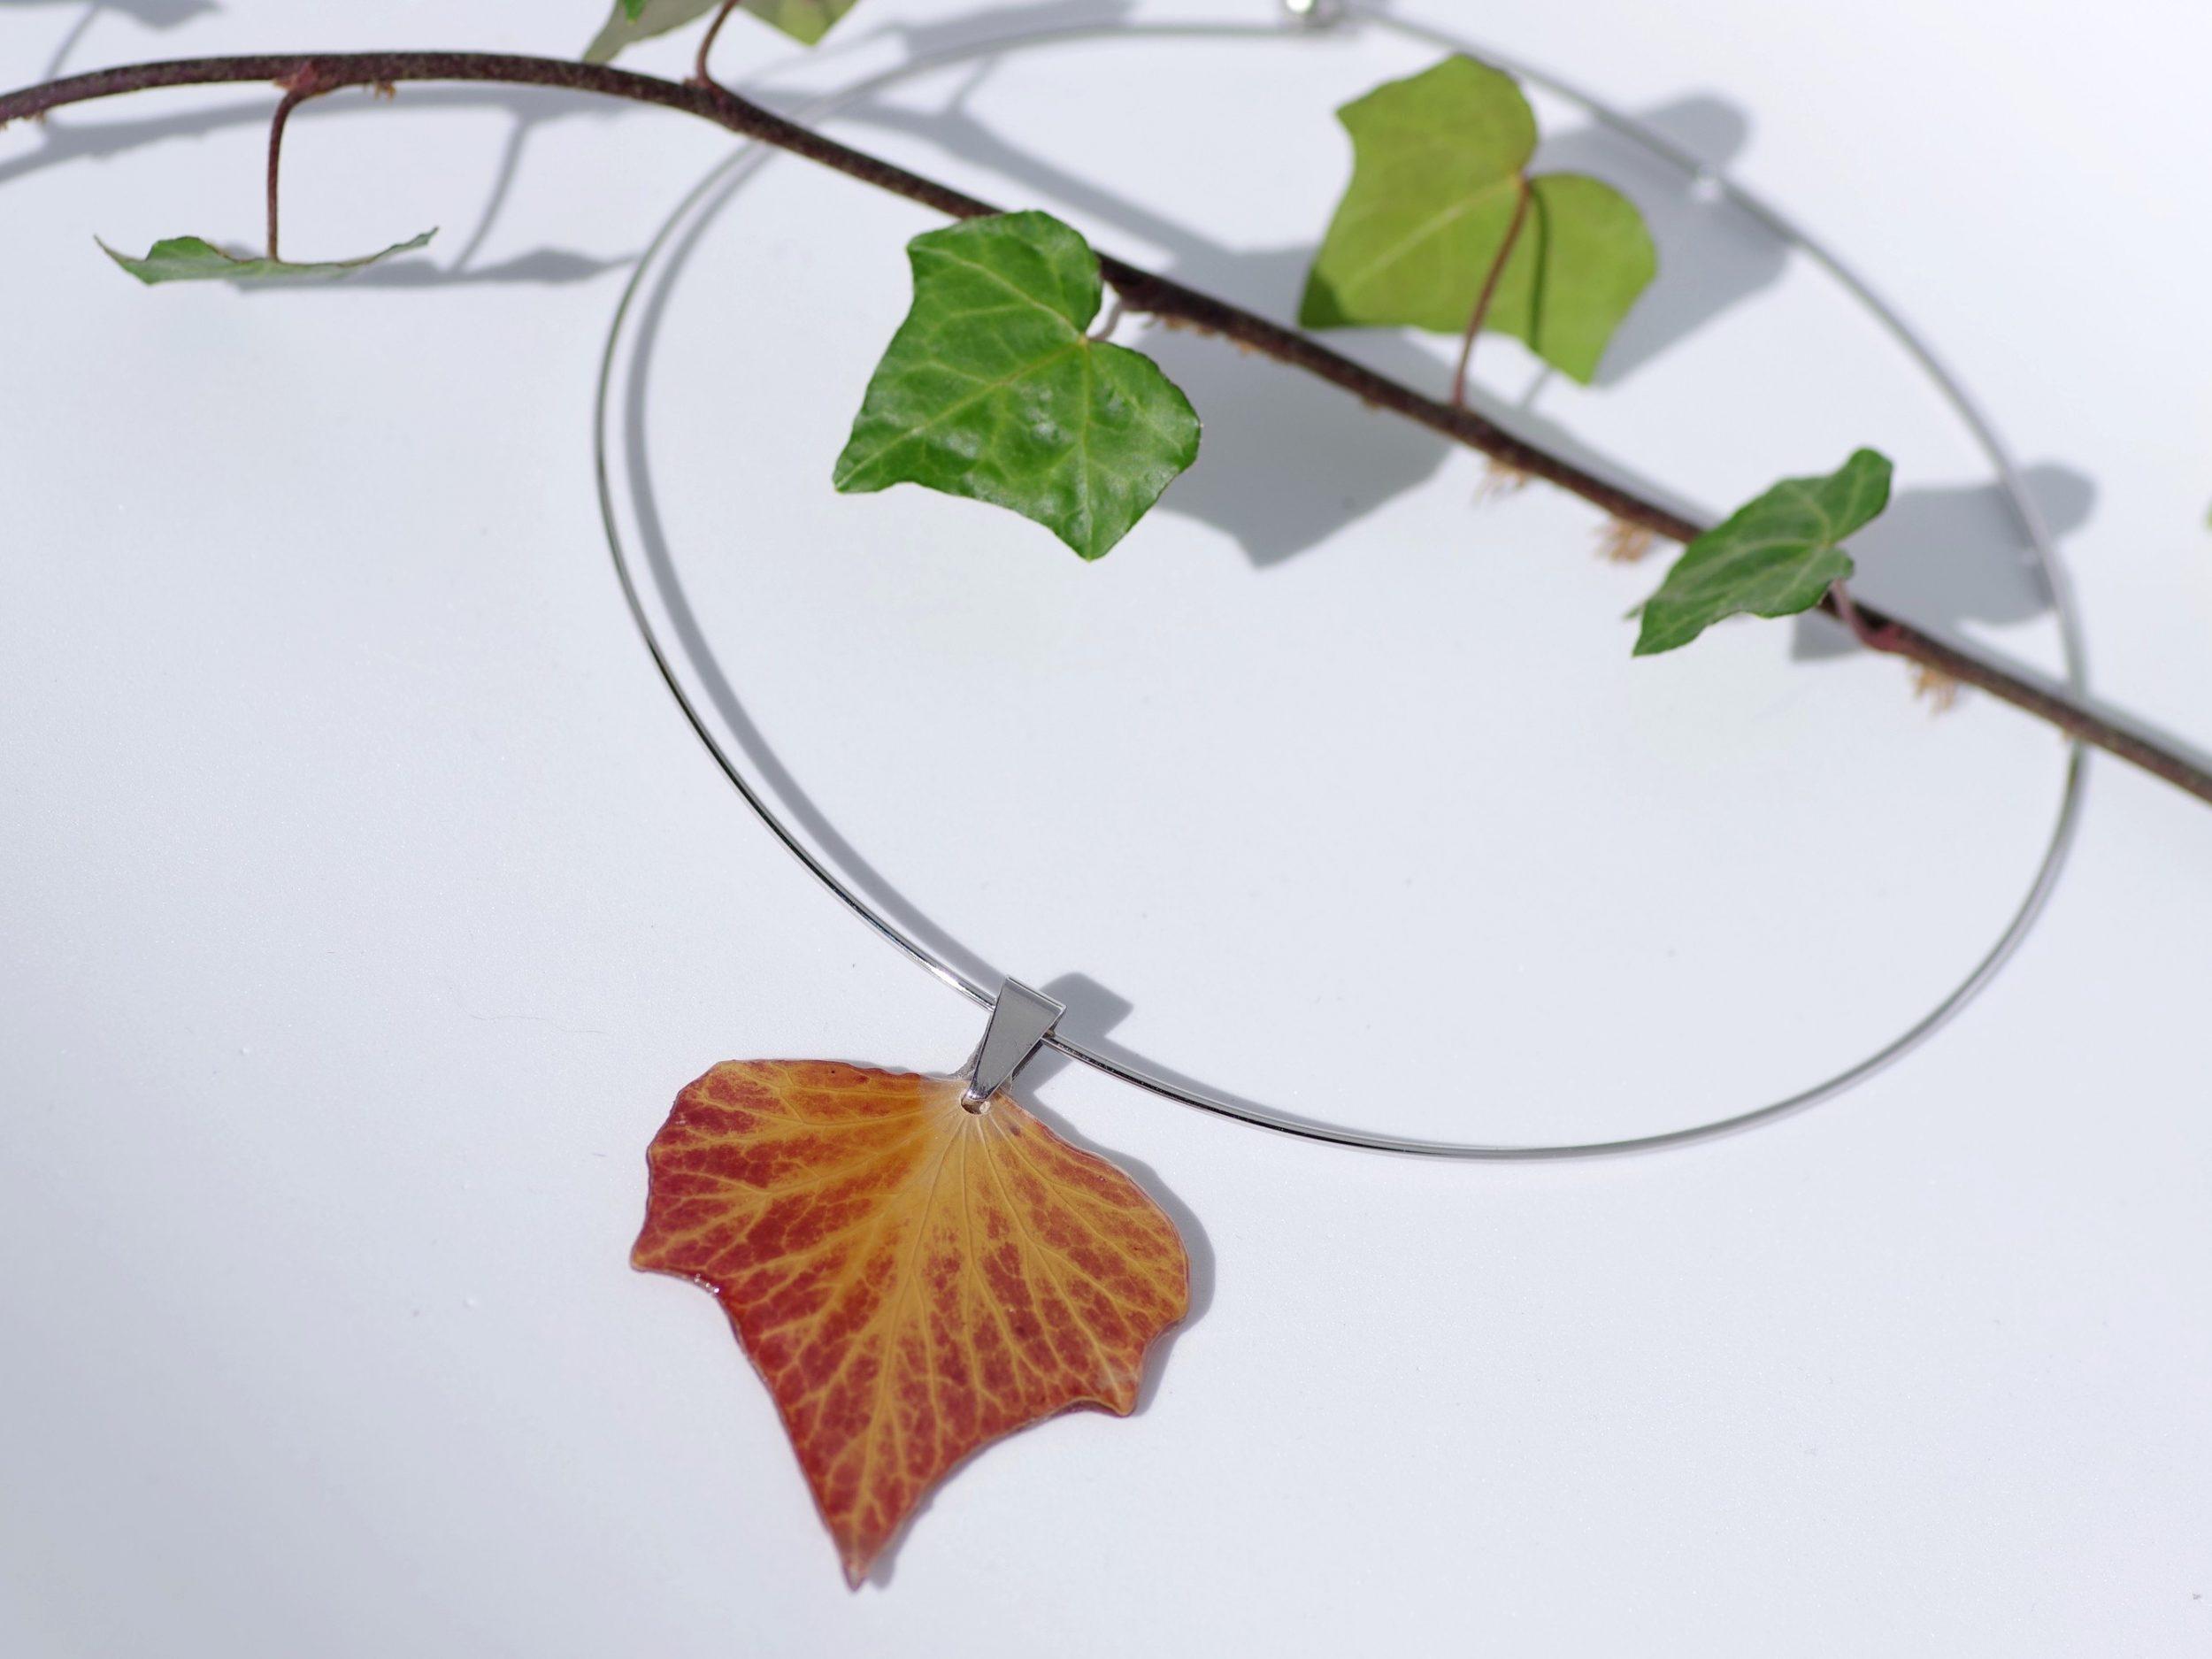 pendentif feuille de lierre rousse, couleur d'automne, tour de cou moderne en inox